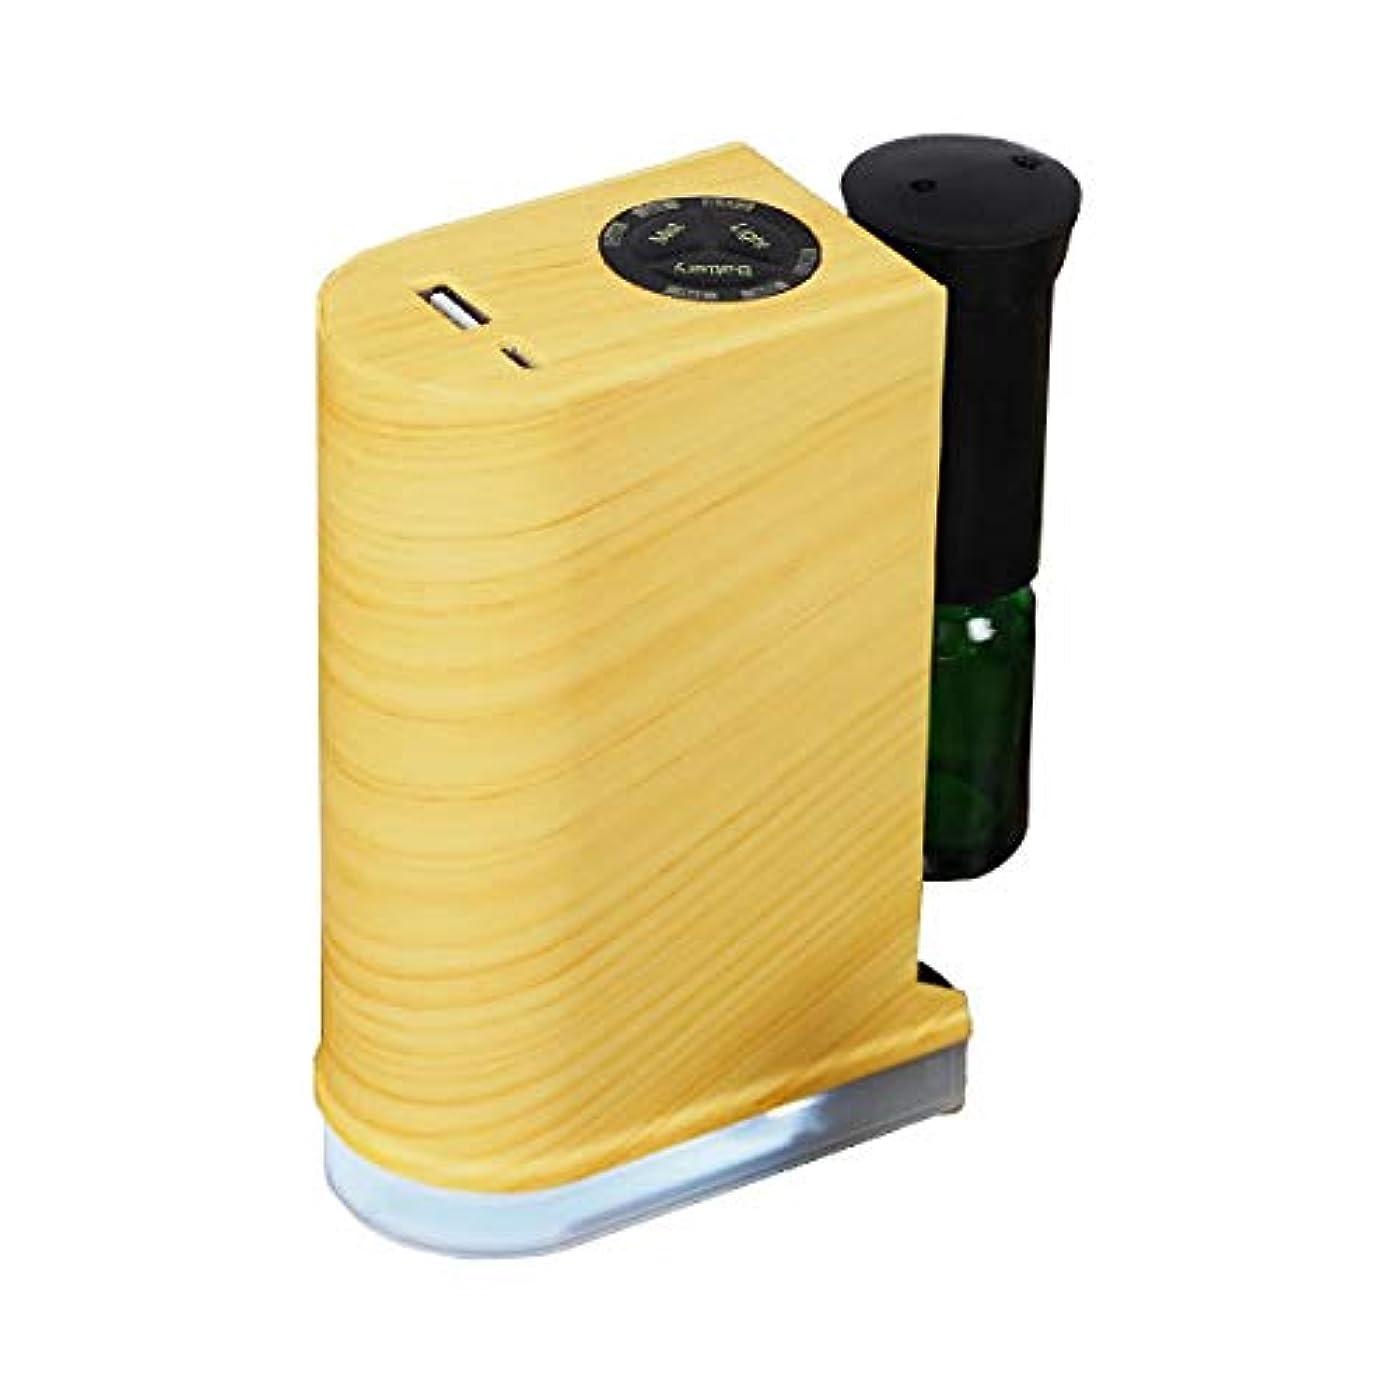 熟読する賛辞ピアノアロマデュフューザー 水を使わない ネブライザー式アロマディフューザー LED搭載 アロマオイル 精油 アロマ芳香 (ナチュラル)